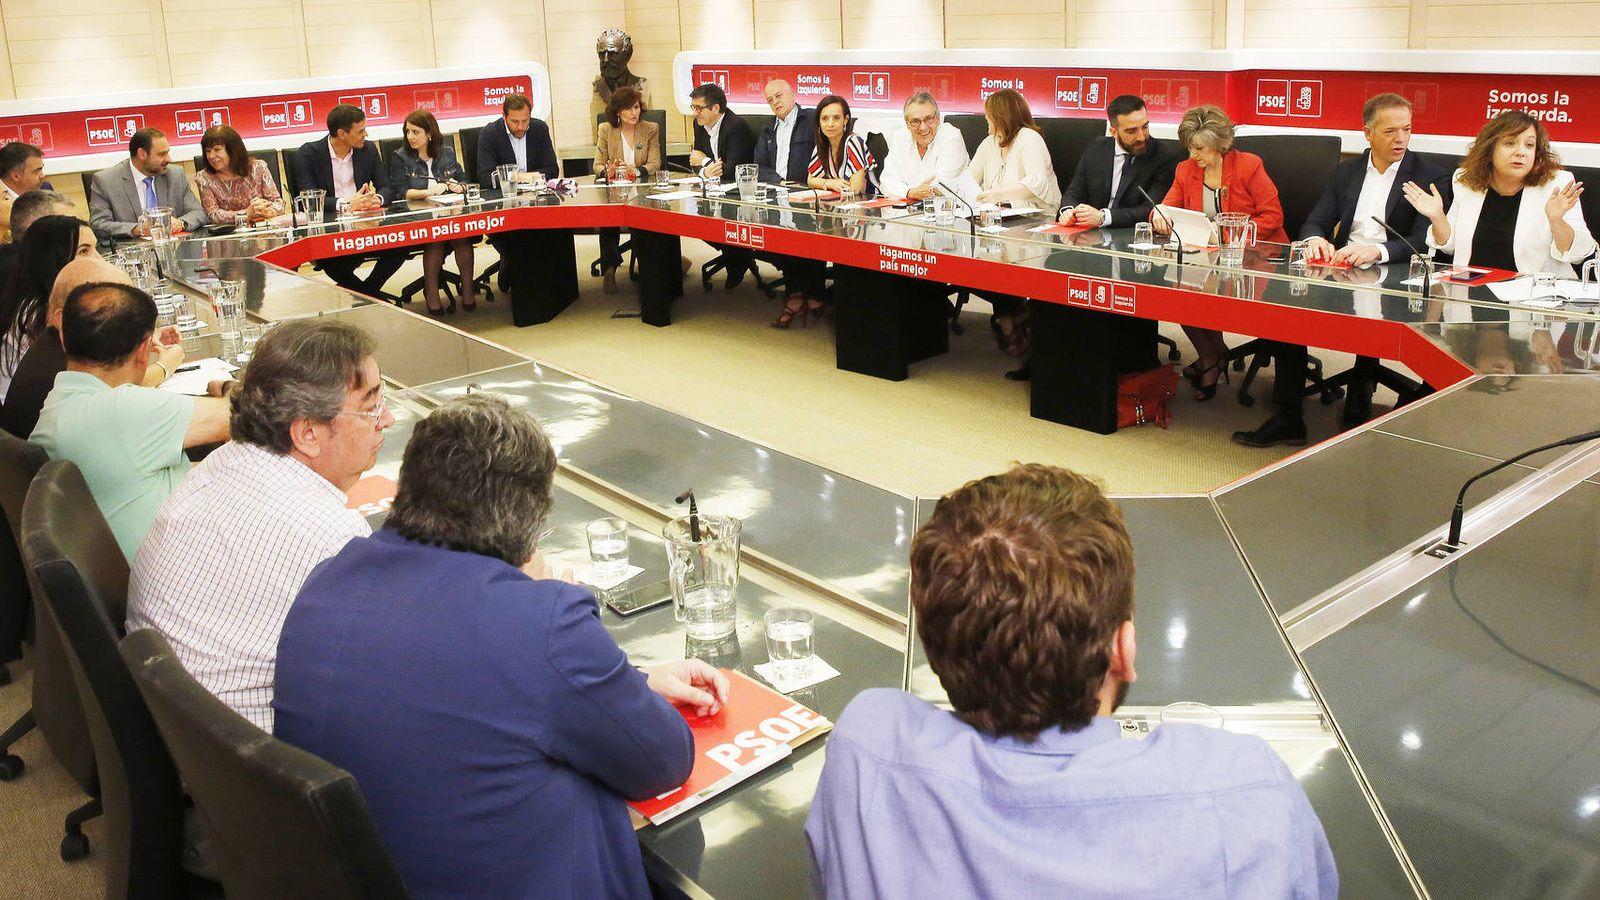 Foto: Pedro Sánchez preside la primera reunión de la comisión permanente de la ejecutiva del PSOE tras acceder al poder, el pasado 18 de junio. (Inma Mesa | PSOE)